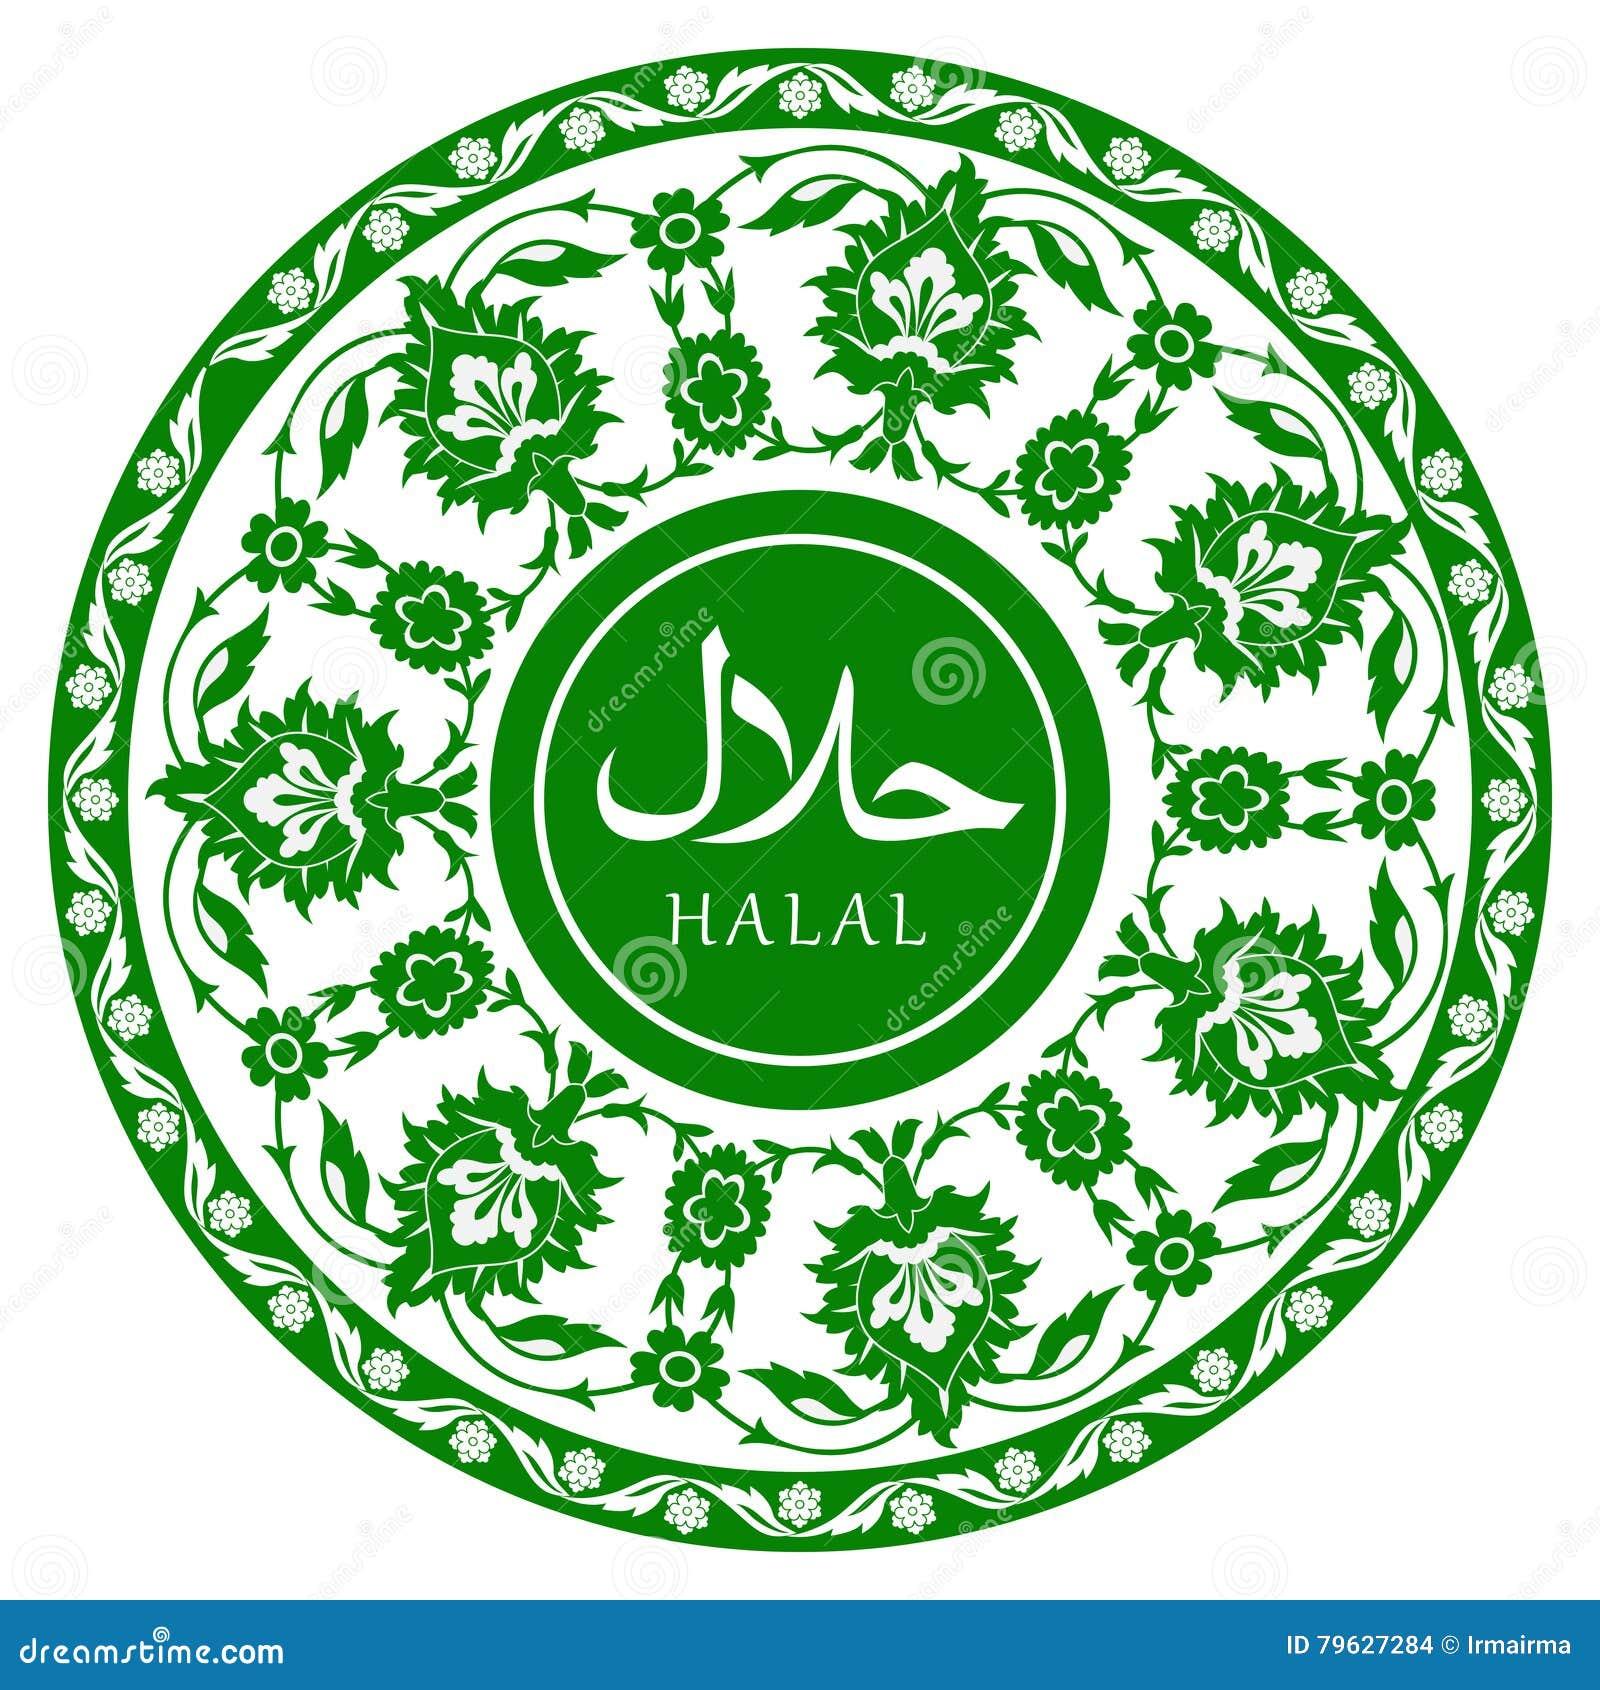 Halal ornamental emblem